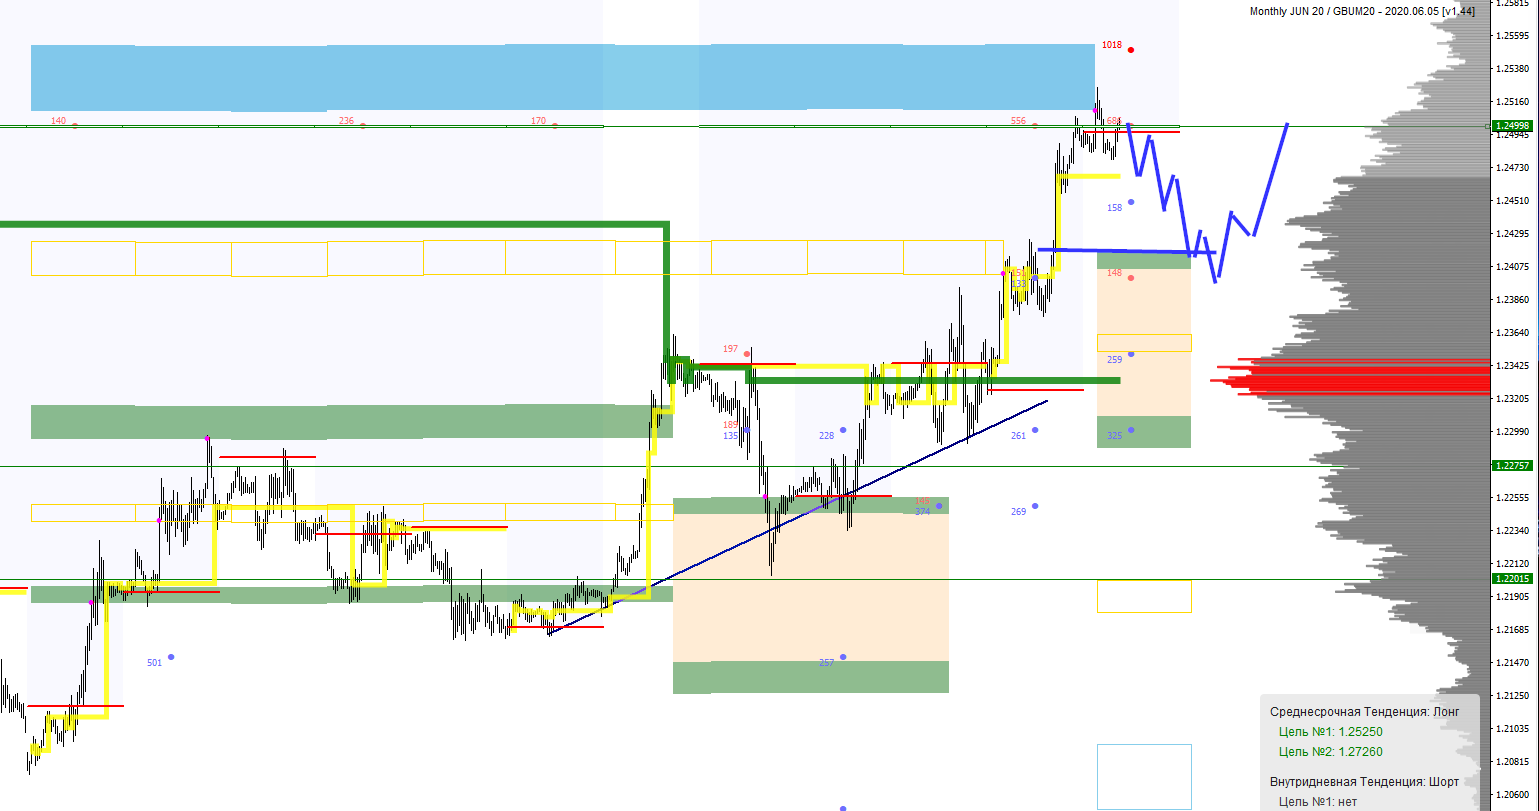 Аналитика по паре GBP/USD на 2 июня